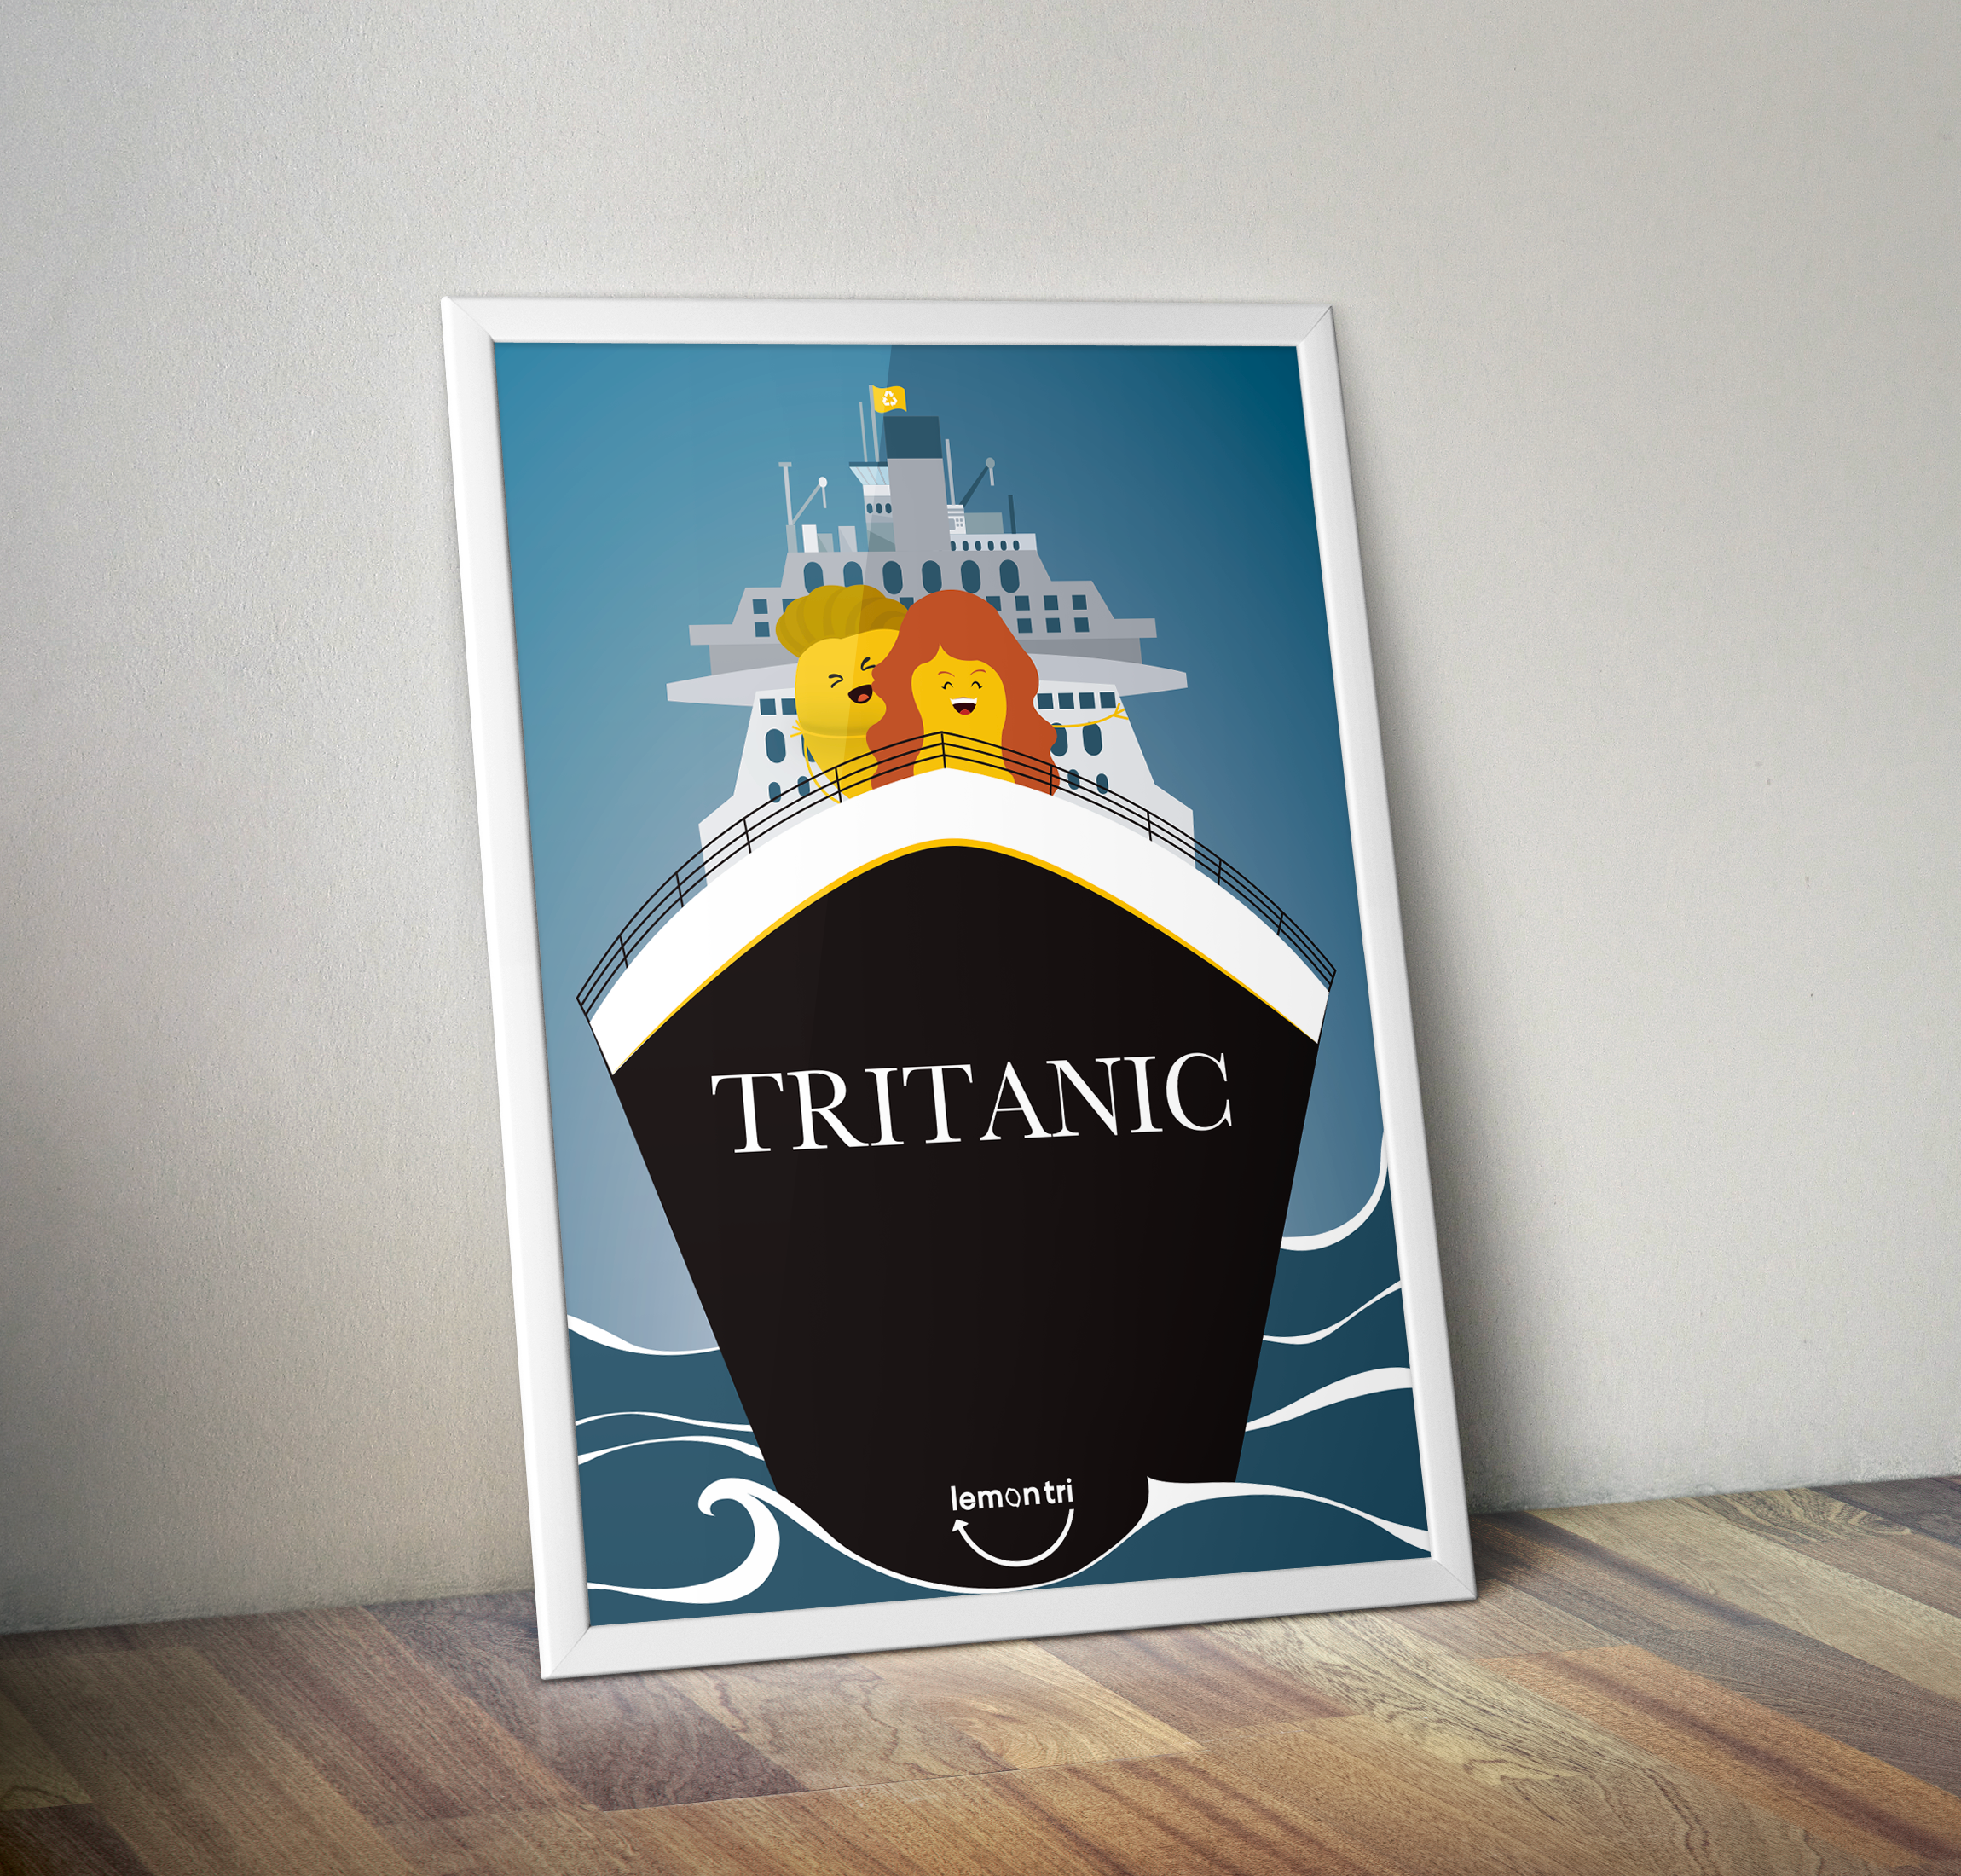 Tritanic